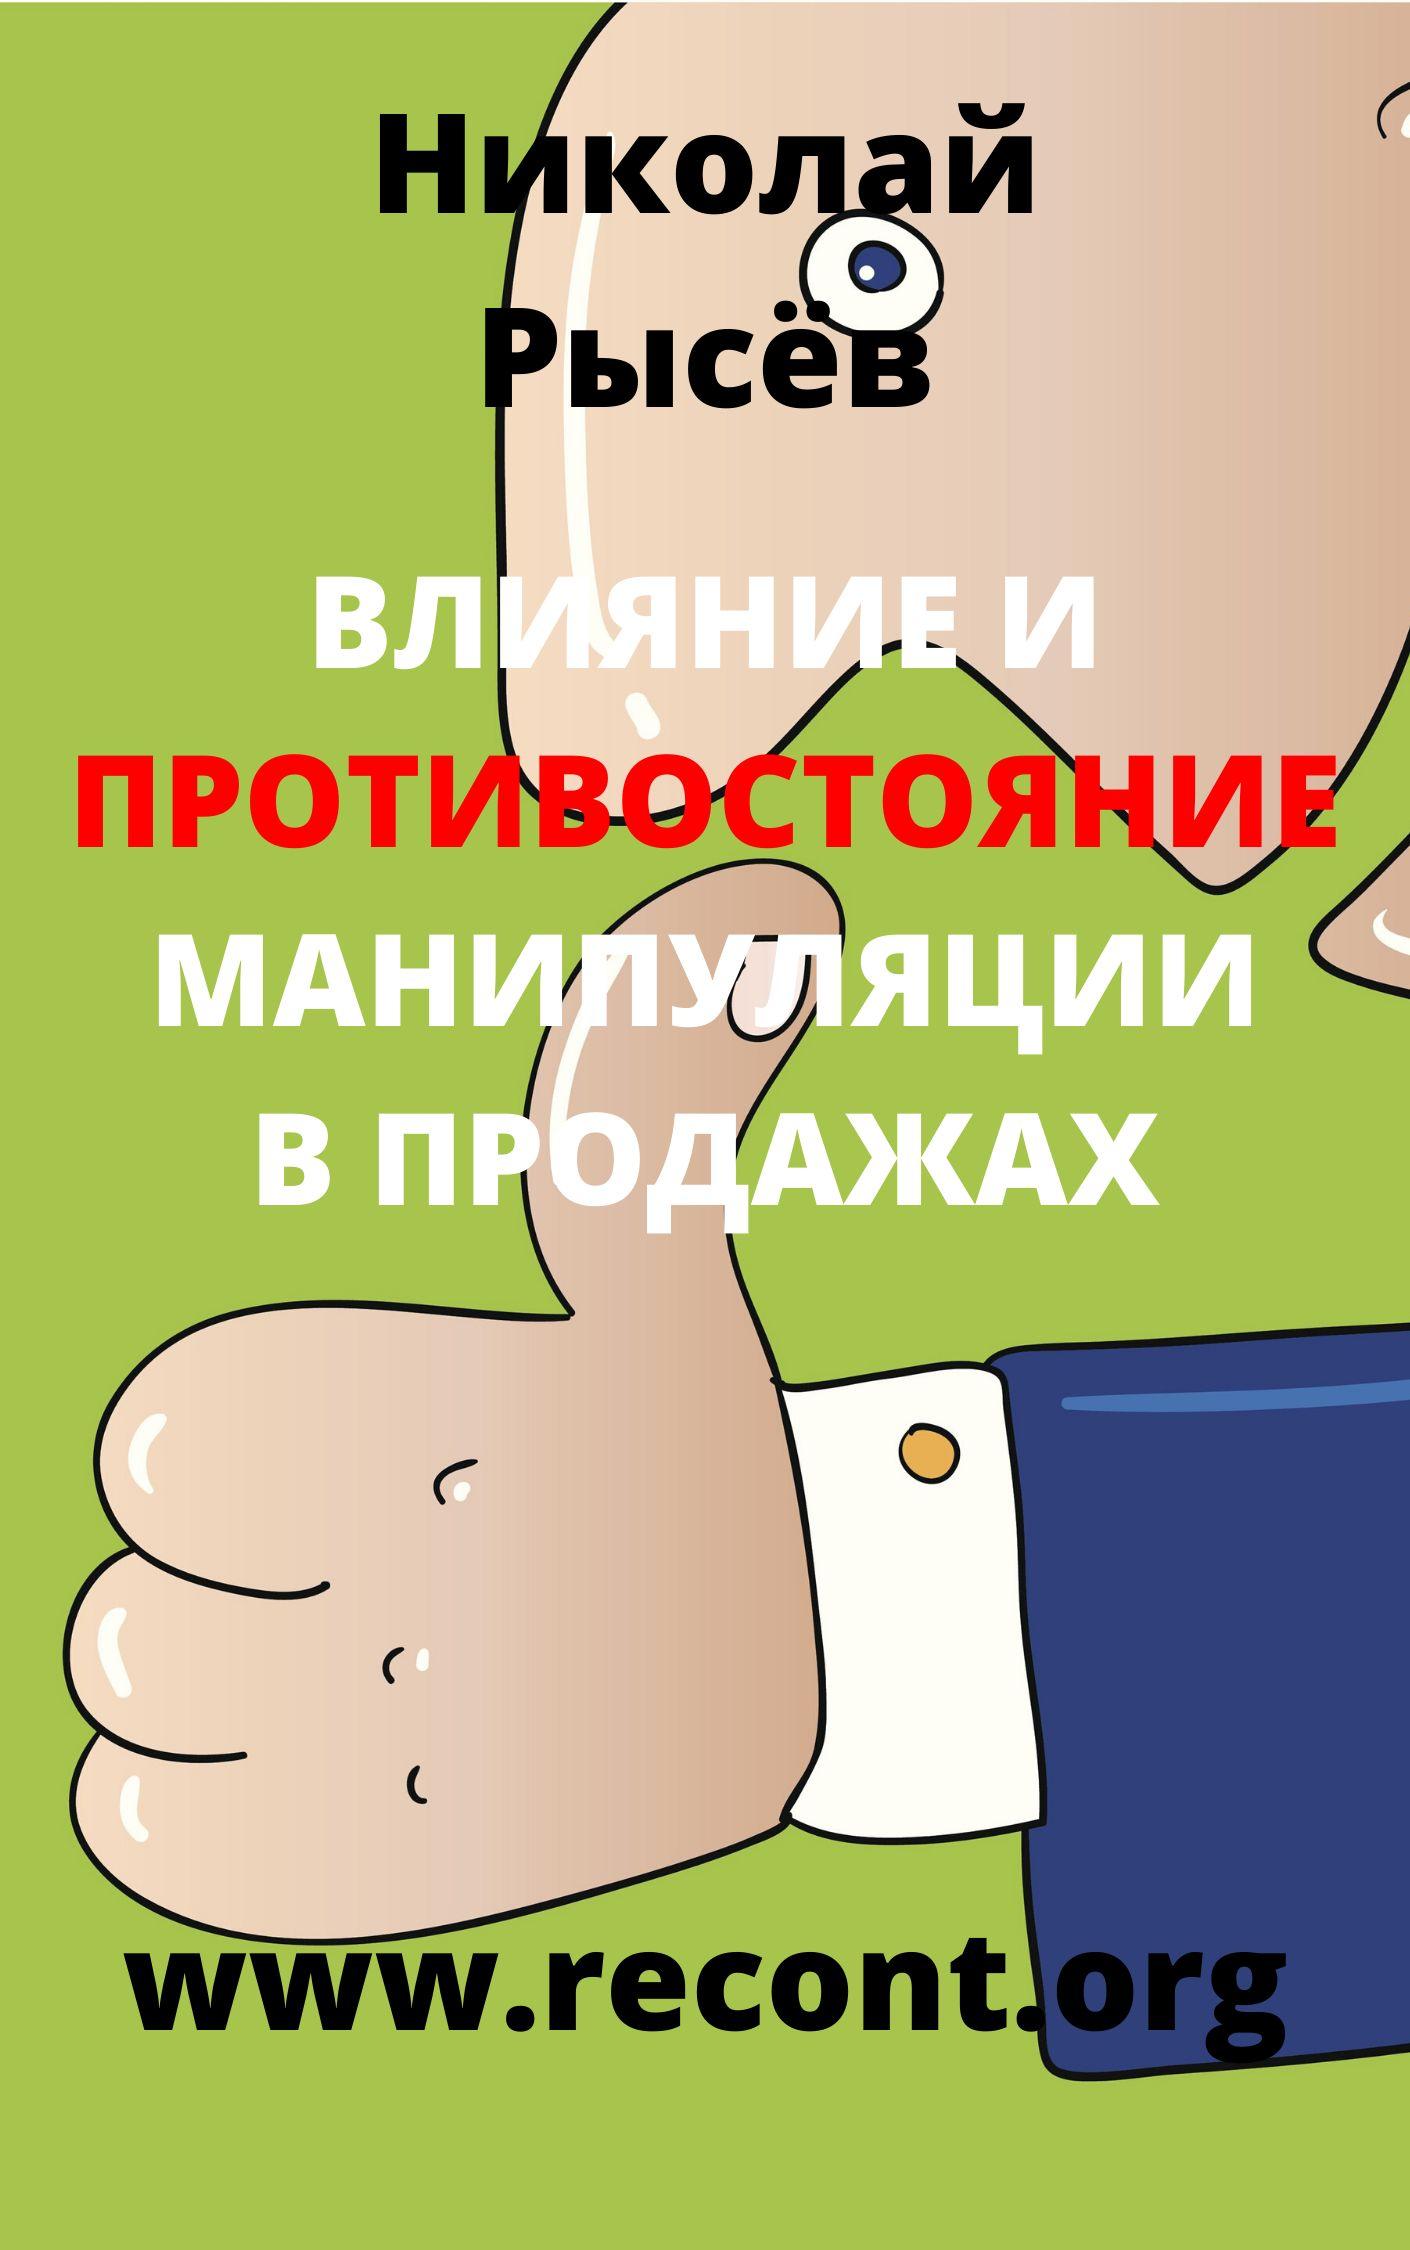 цены Николай Рысёв Манипуляции и влияние в продажах